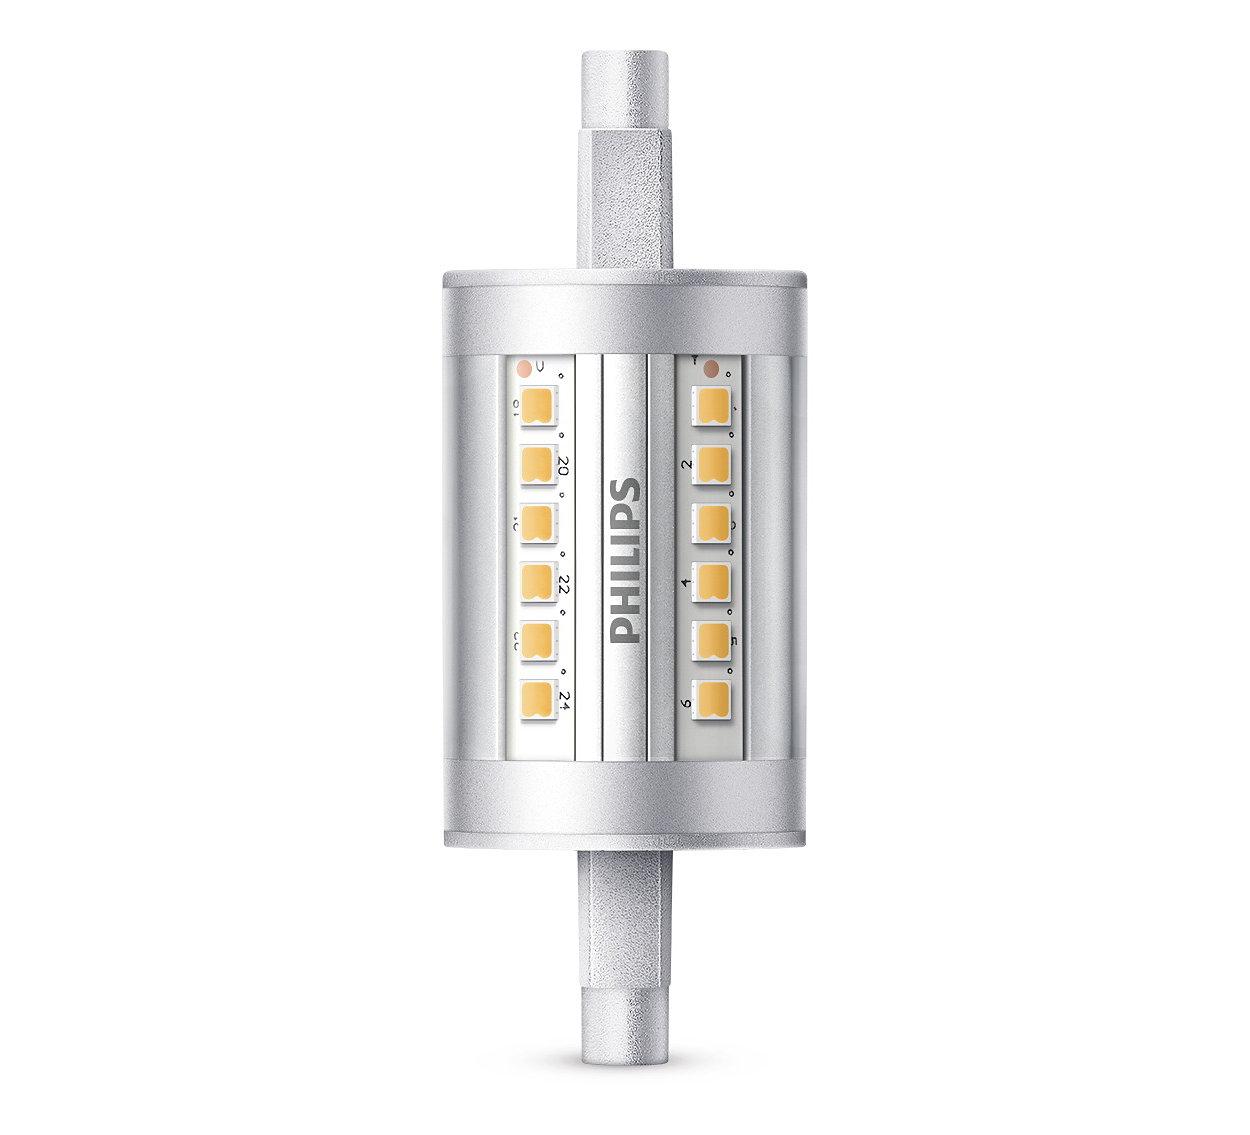 Duurzame LED-lamp met een lichtbundel van 300 graden